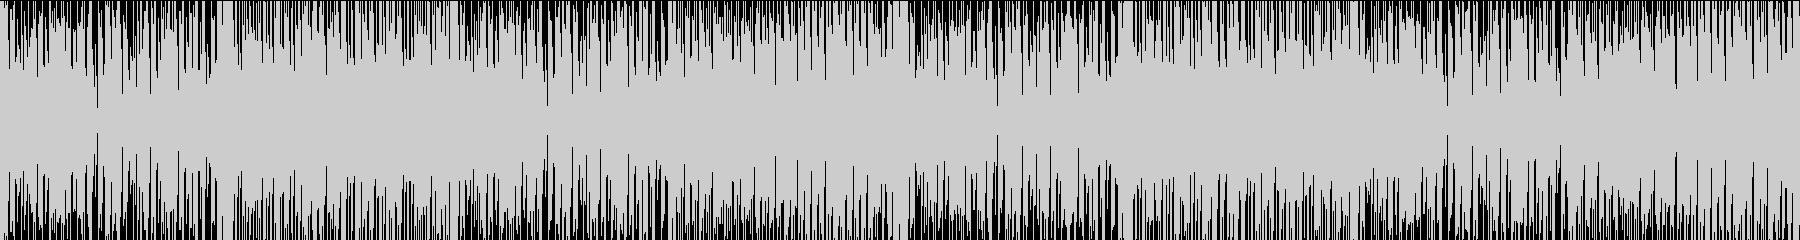 変わらない日常(テクノポップループ)の未再生の波形